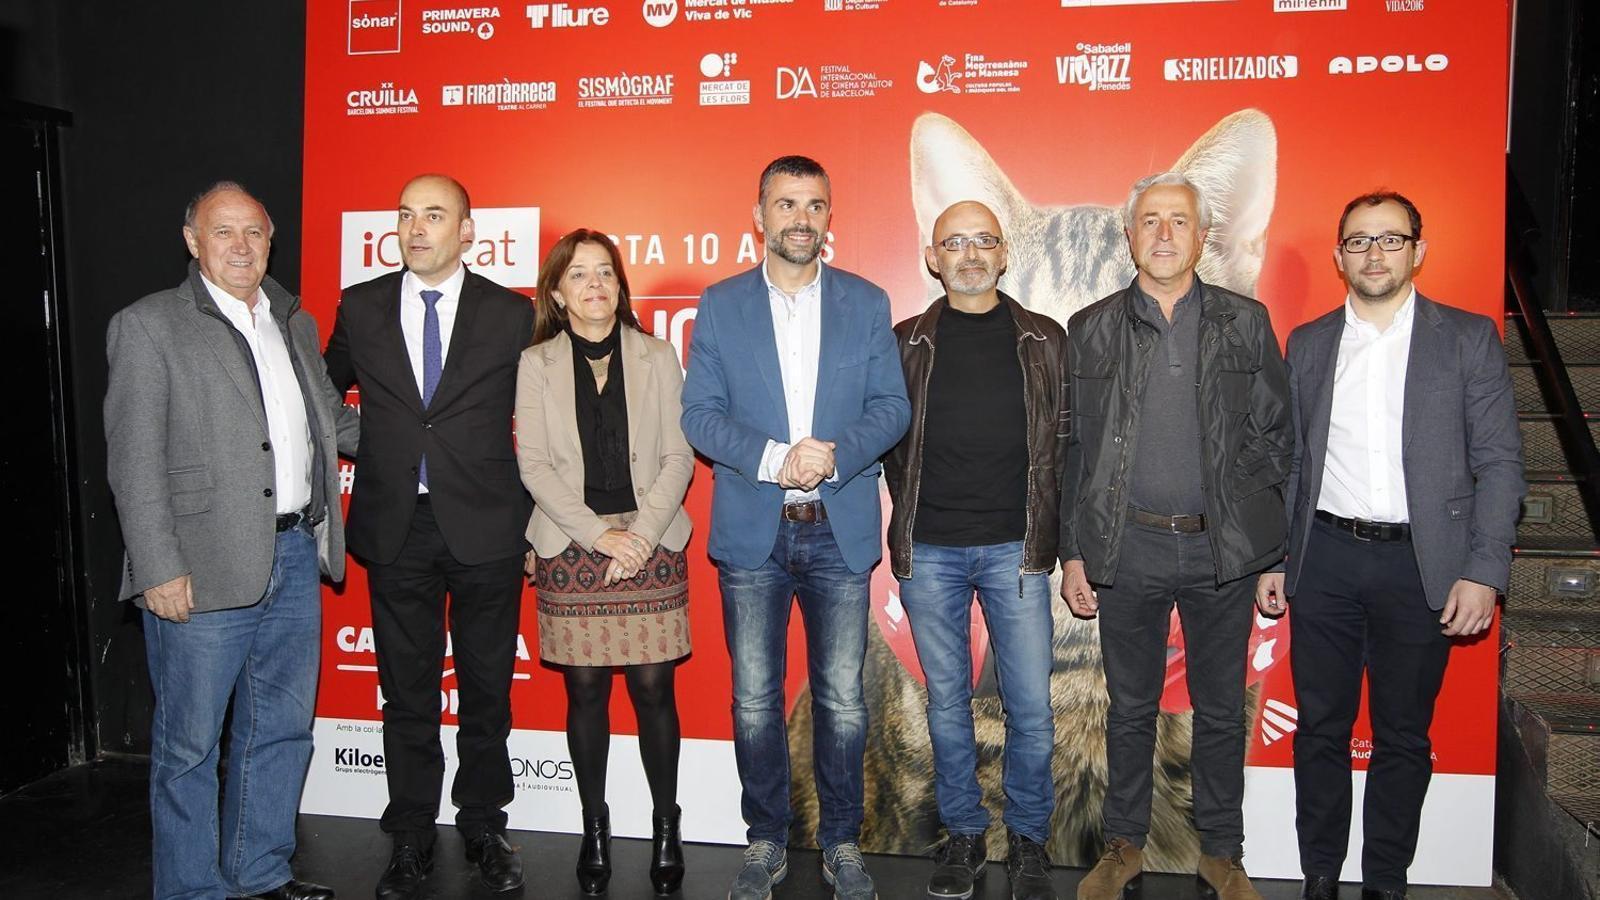 Representants de la CCMA i la direcció de Catalunya Ràdio i TV3 amb el conseller de Cultura, Santi Vila.